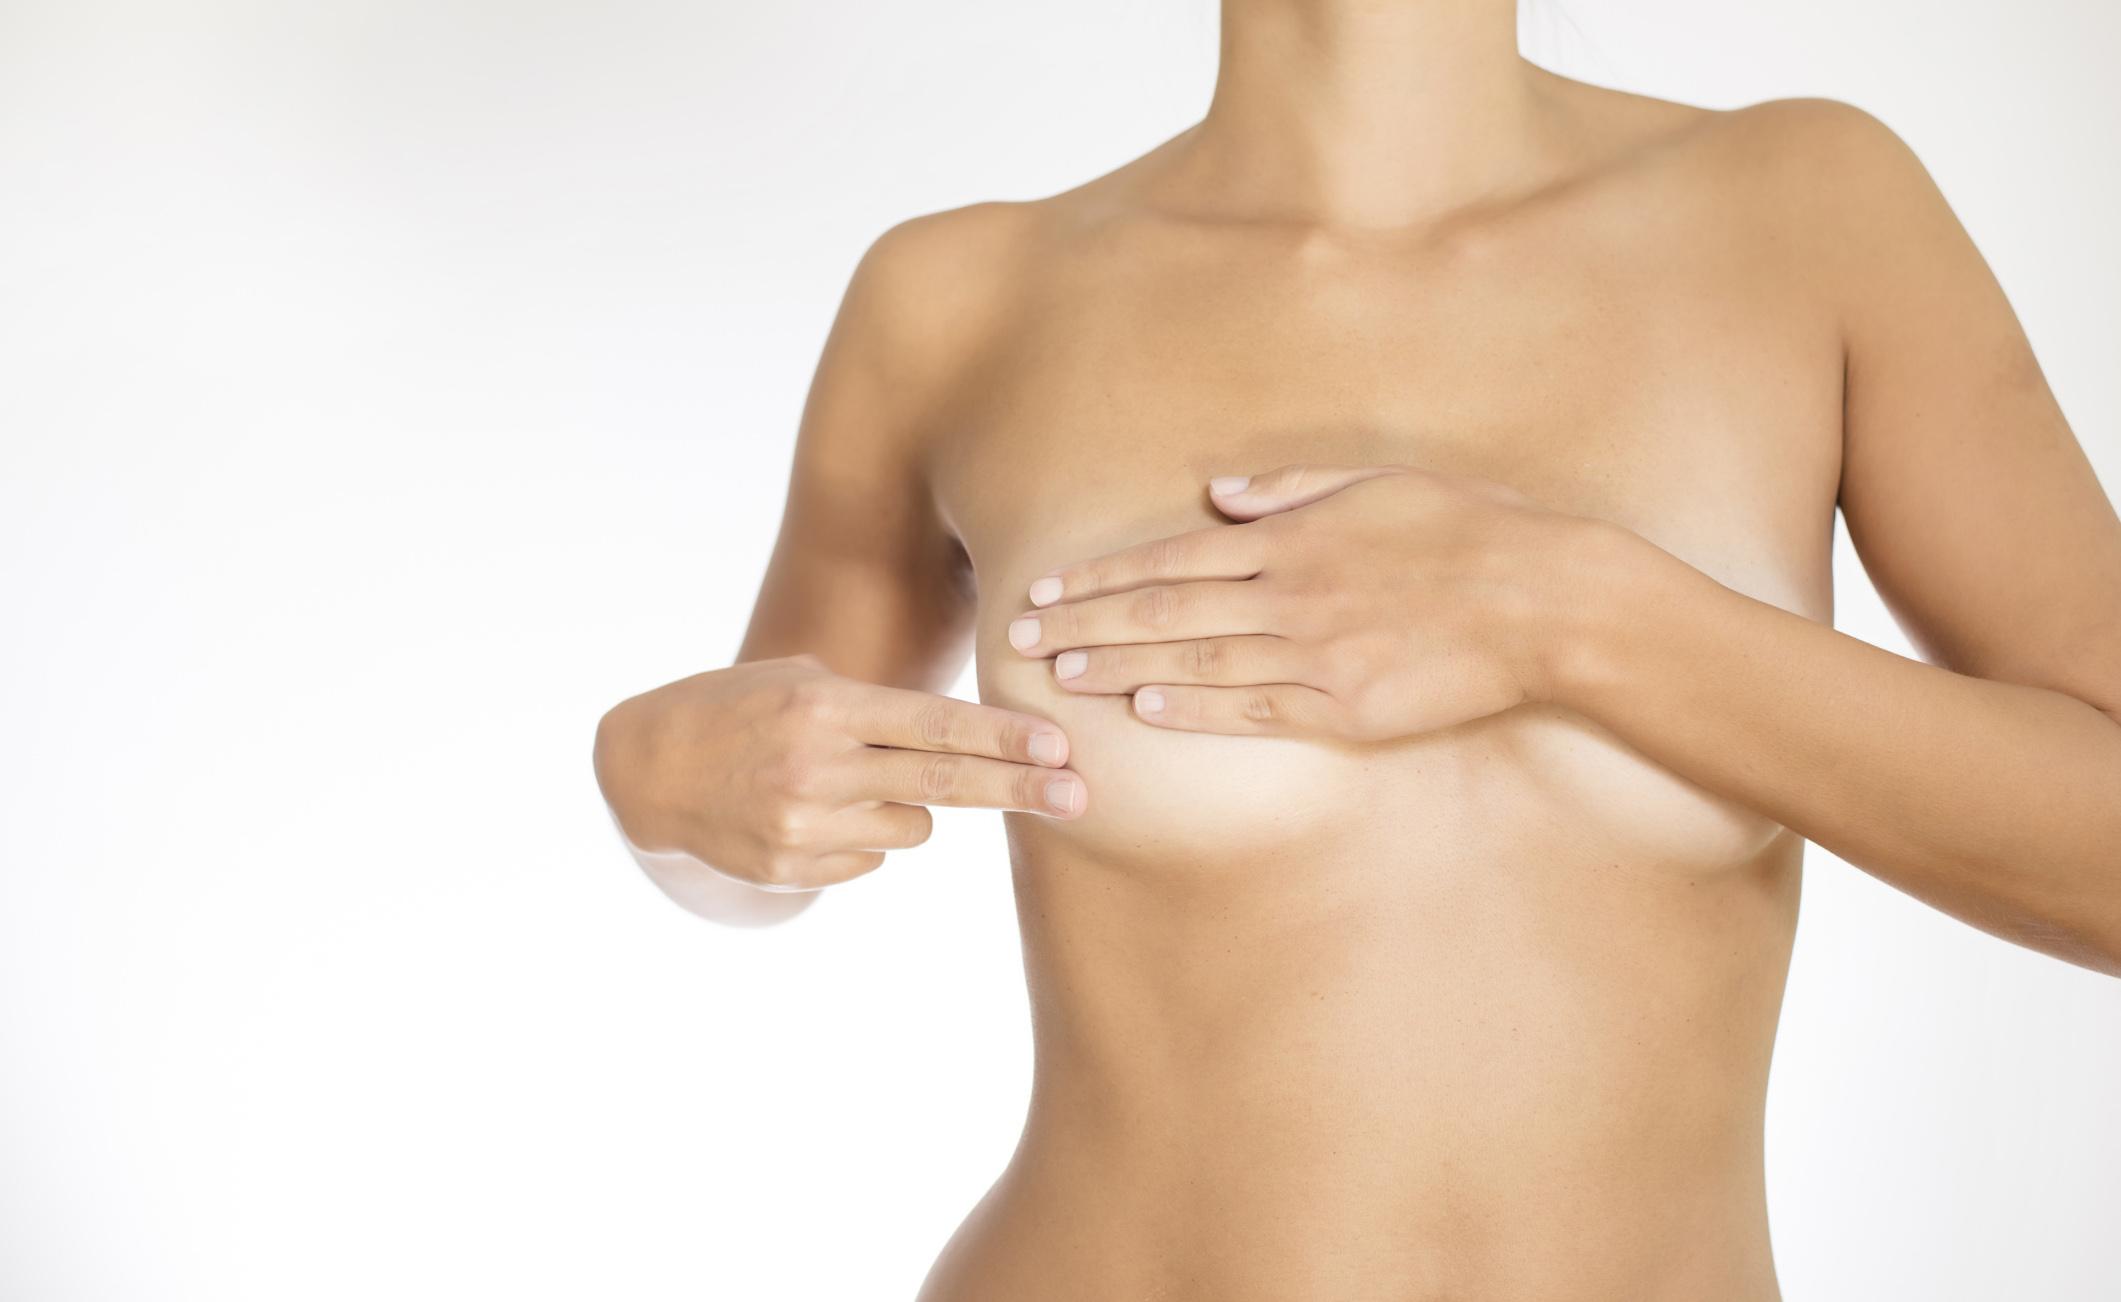 Cinque interrogativi che ogni donna ha sul proprio seno